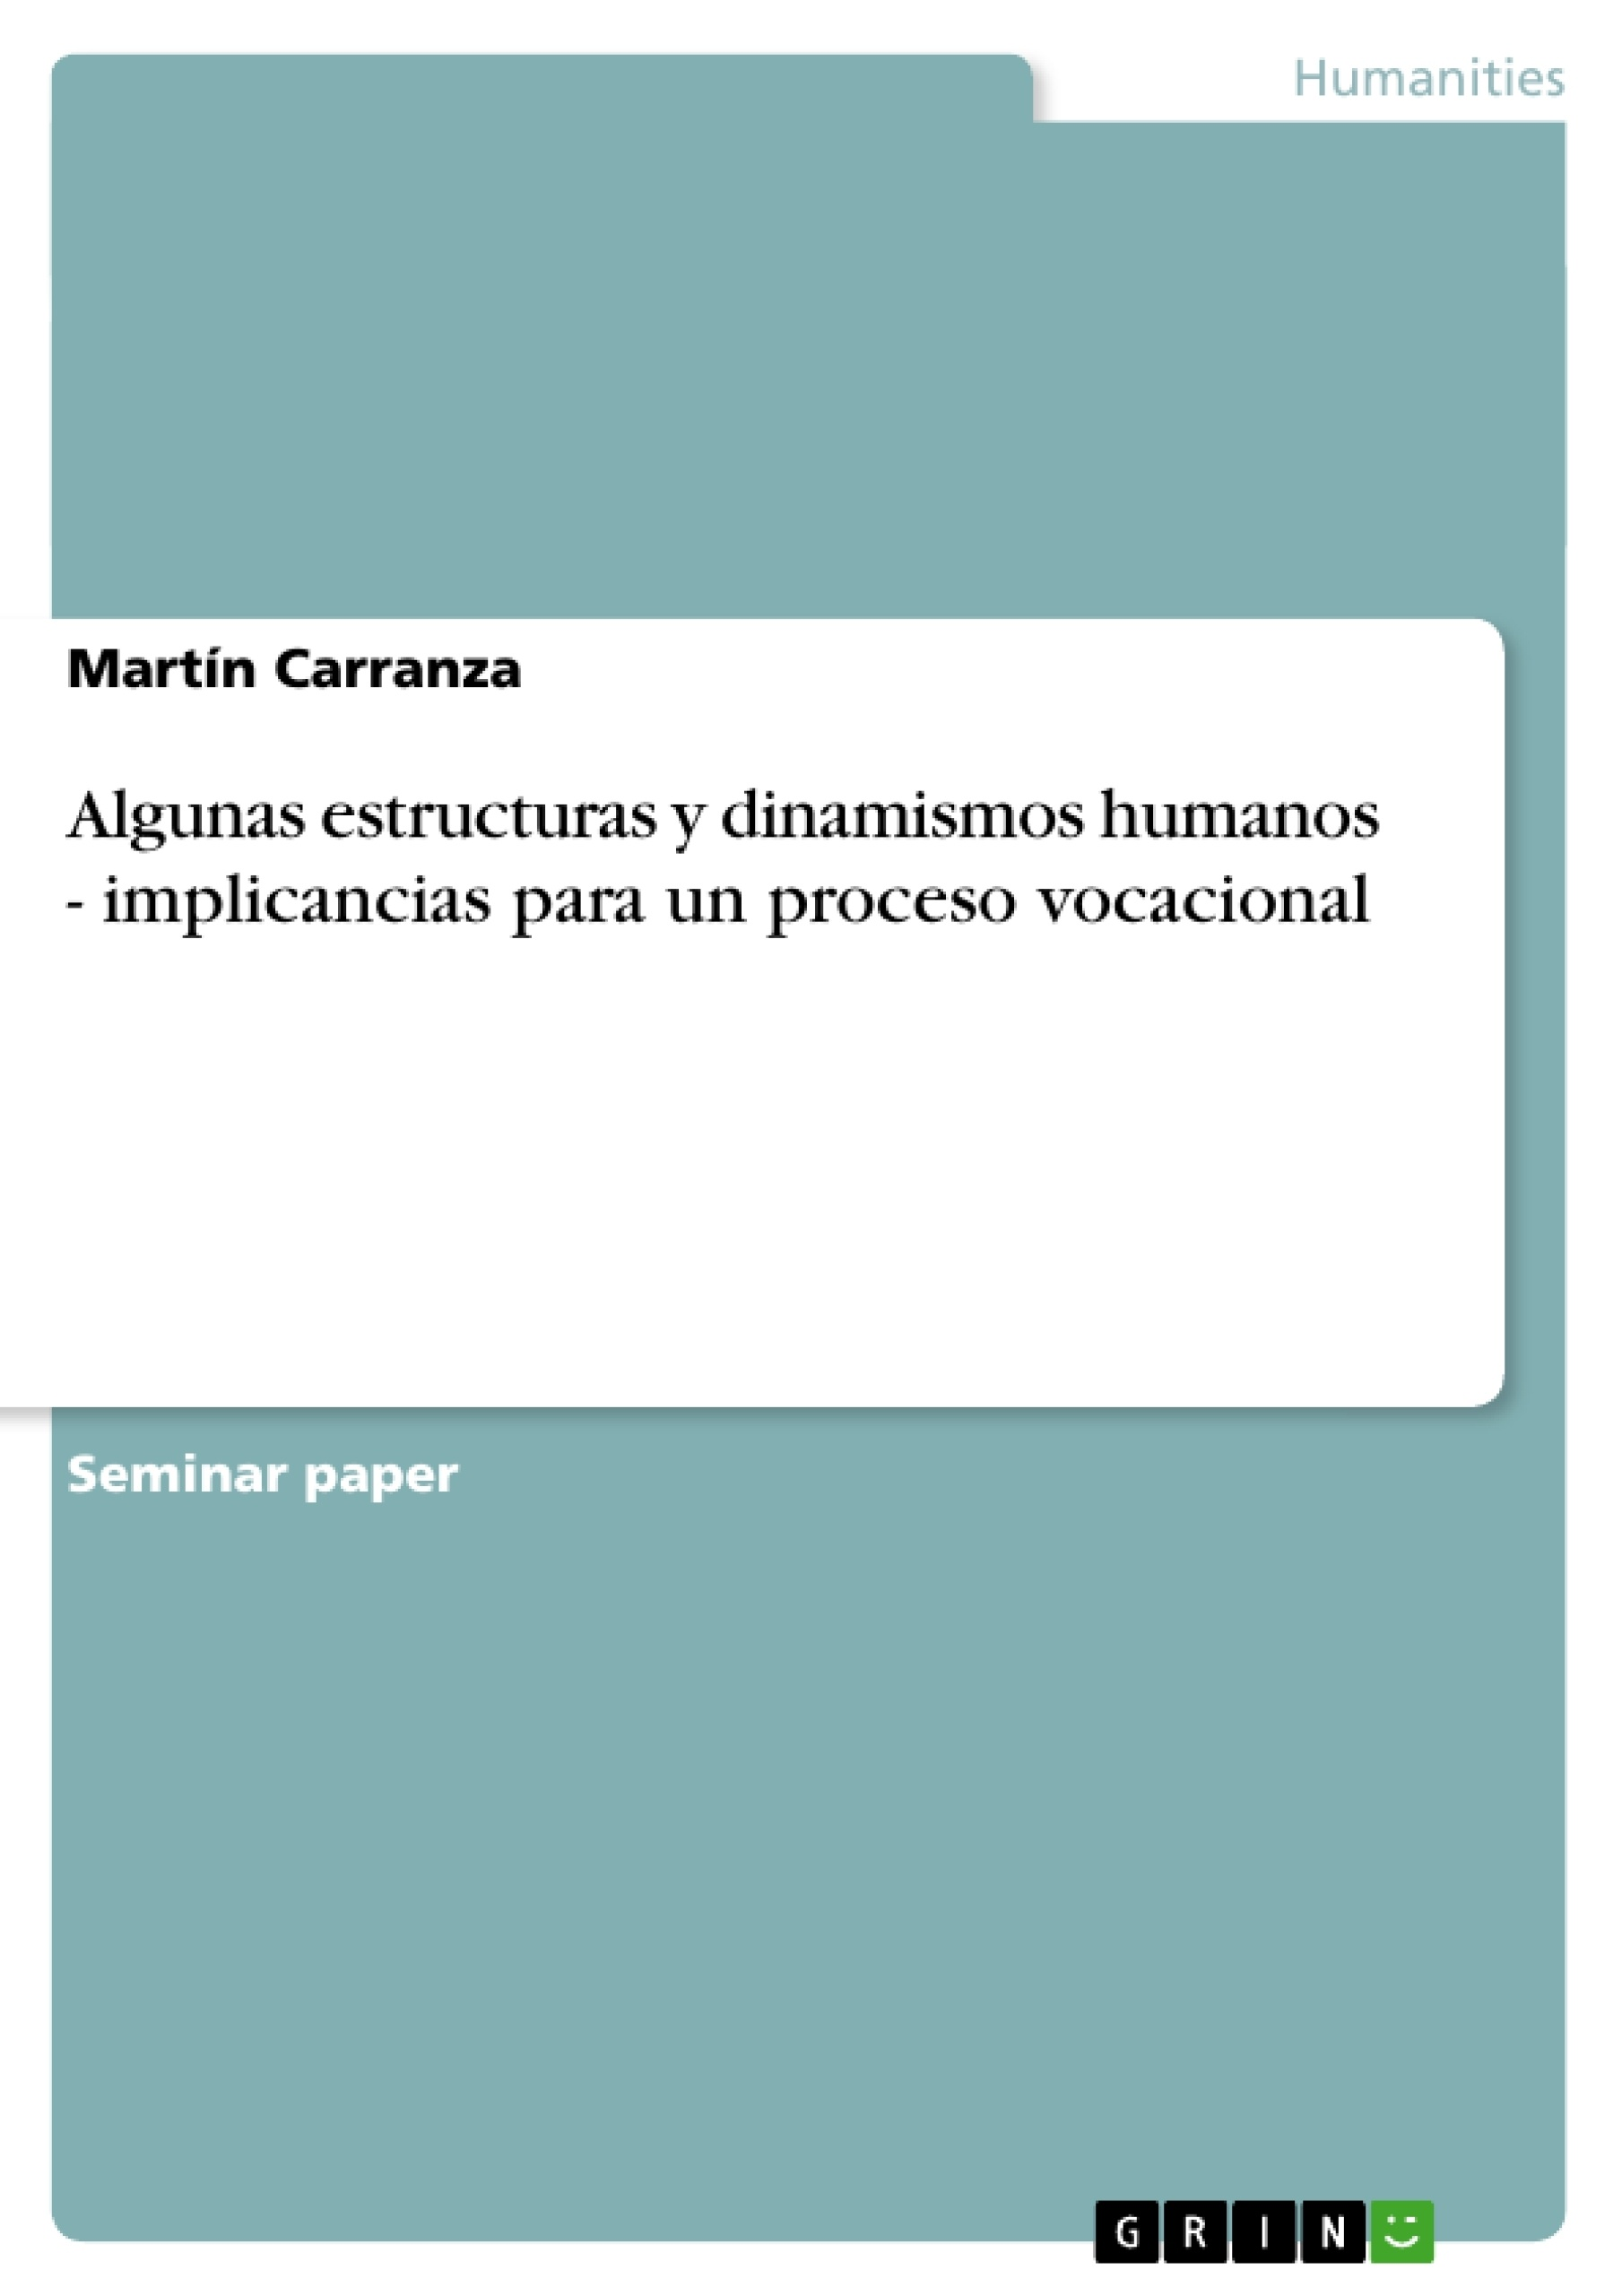 Título: Algunas estructuras y dinamismos humanos - implicancias para un proceso vocacional